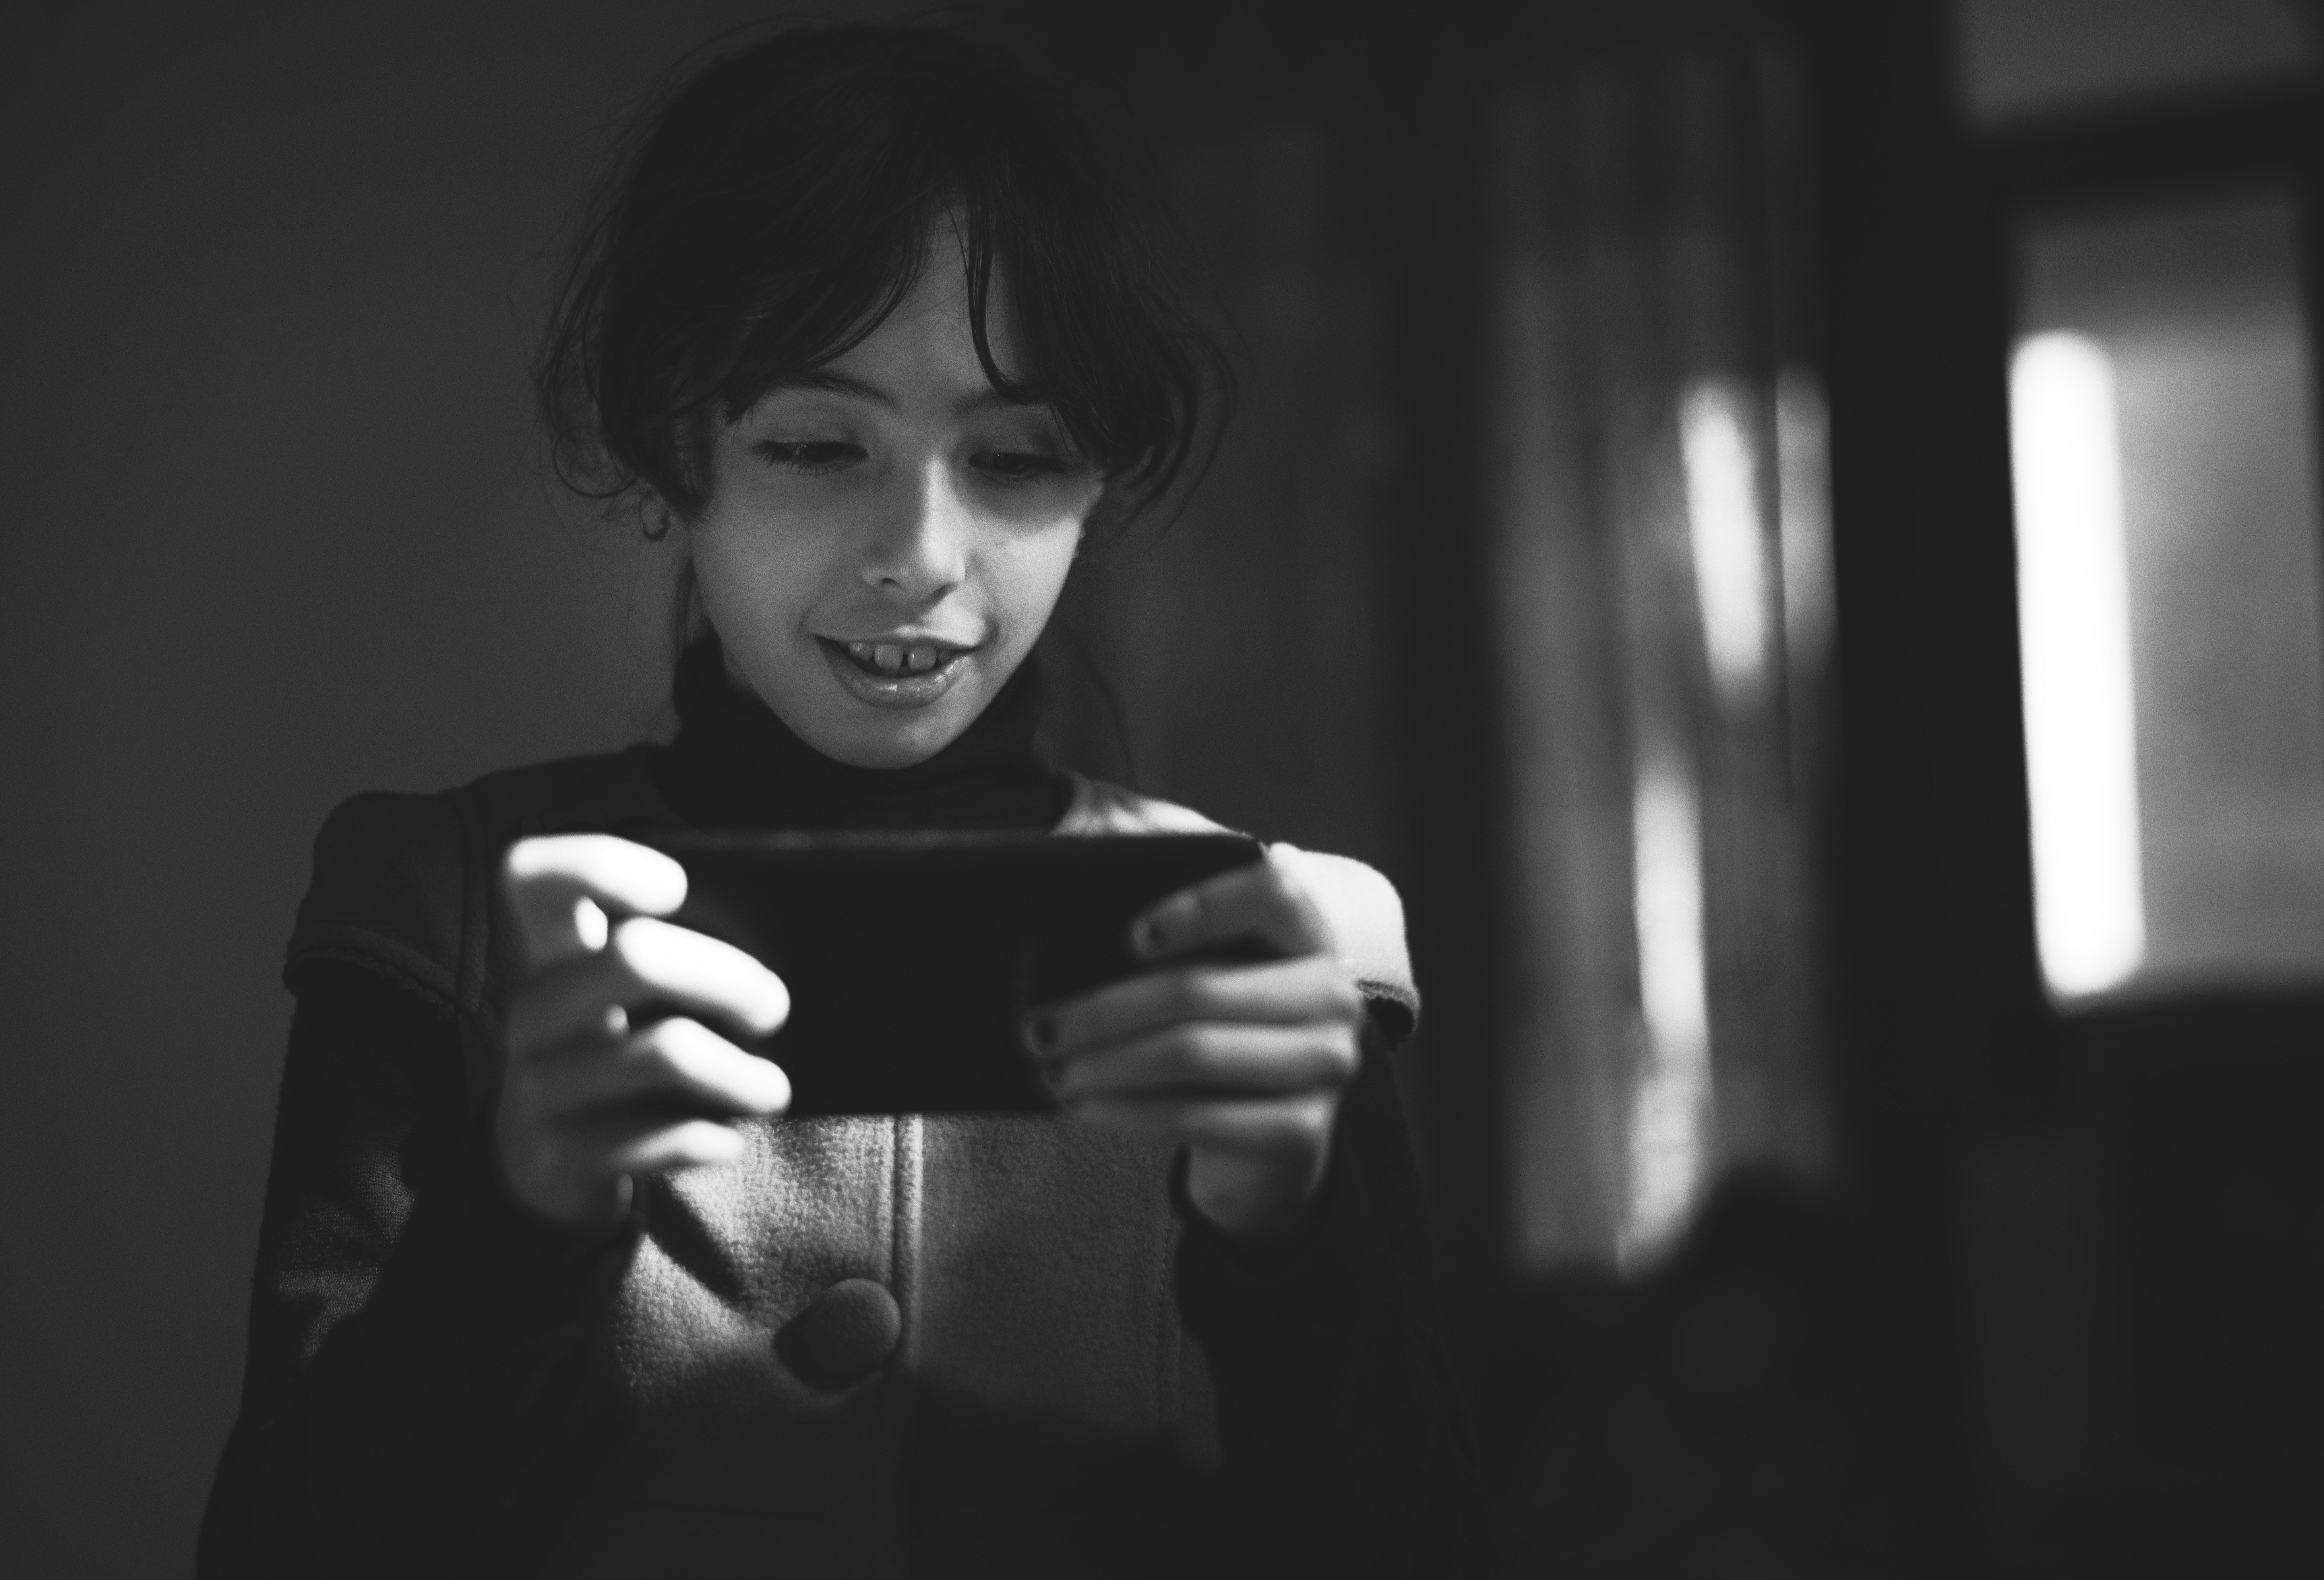 bambina col telefono bianco e nero